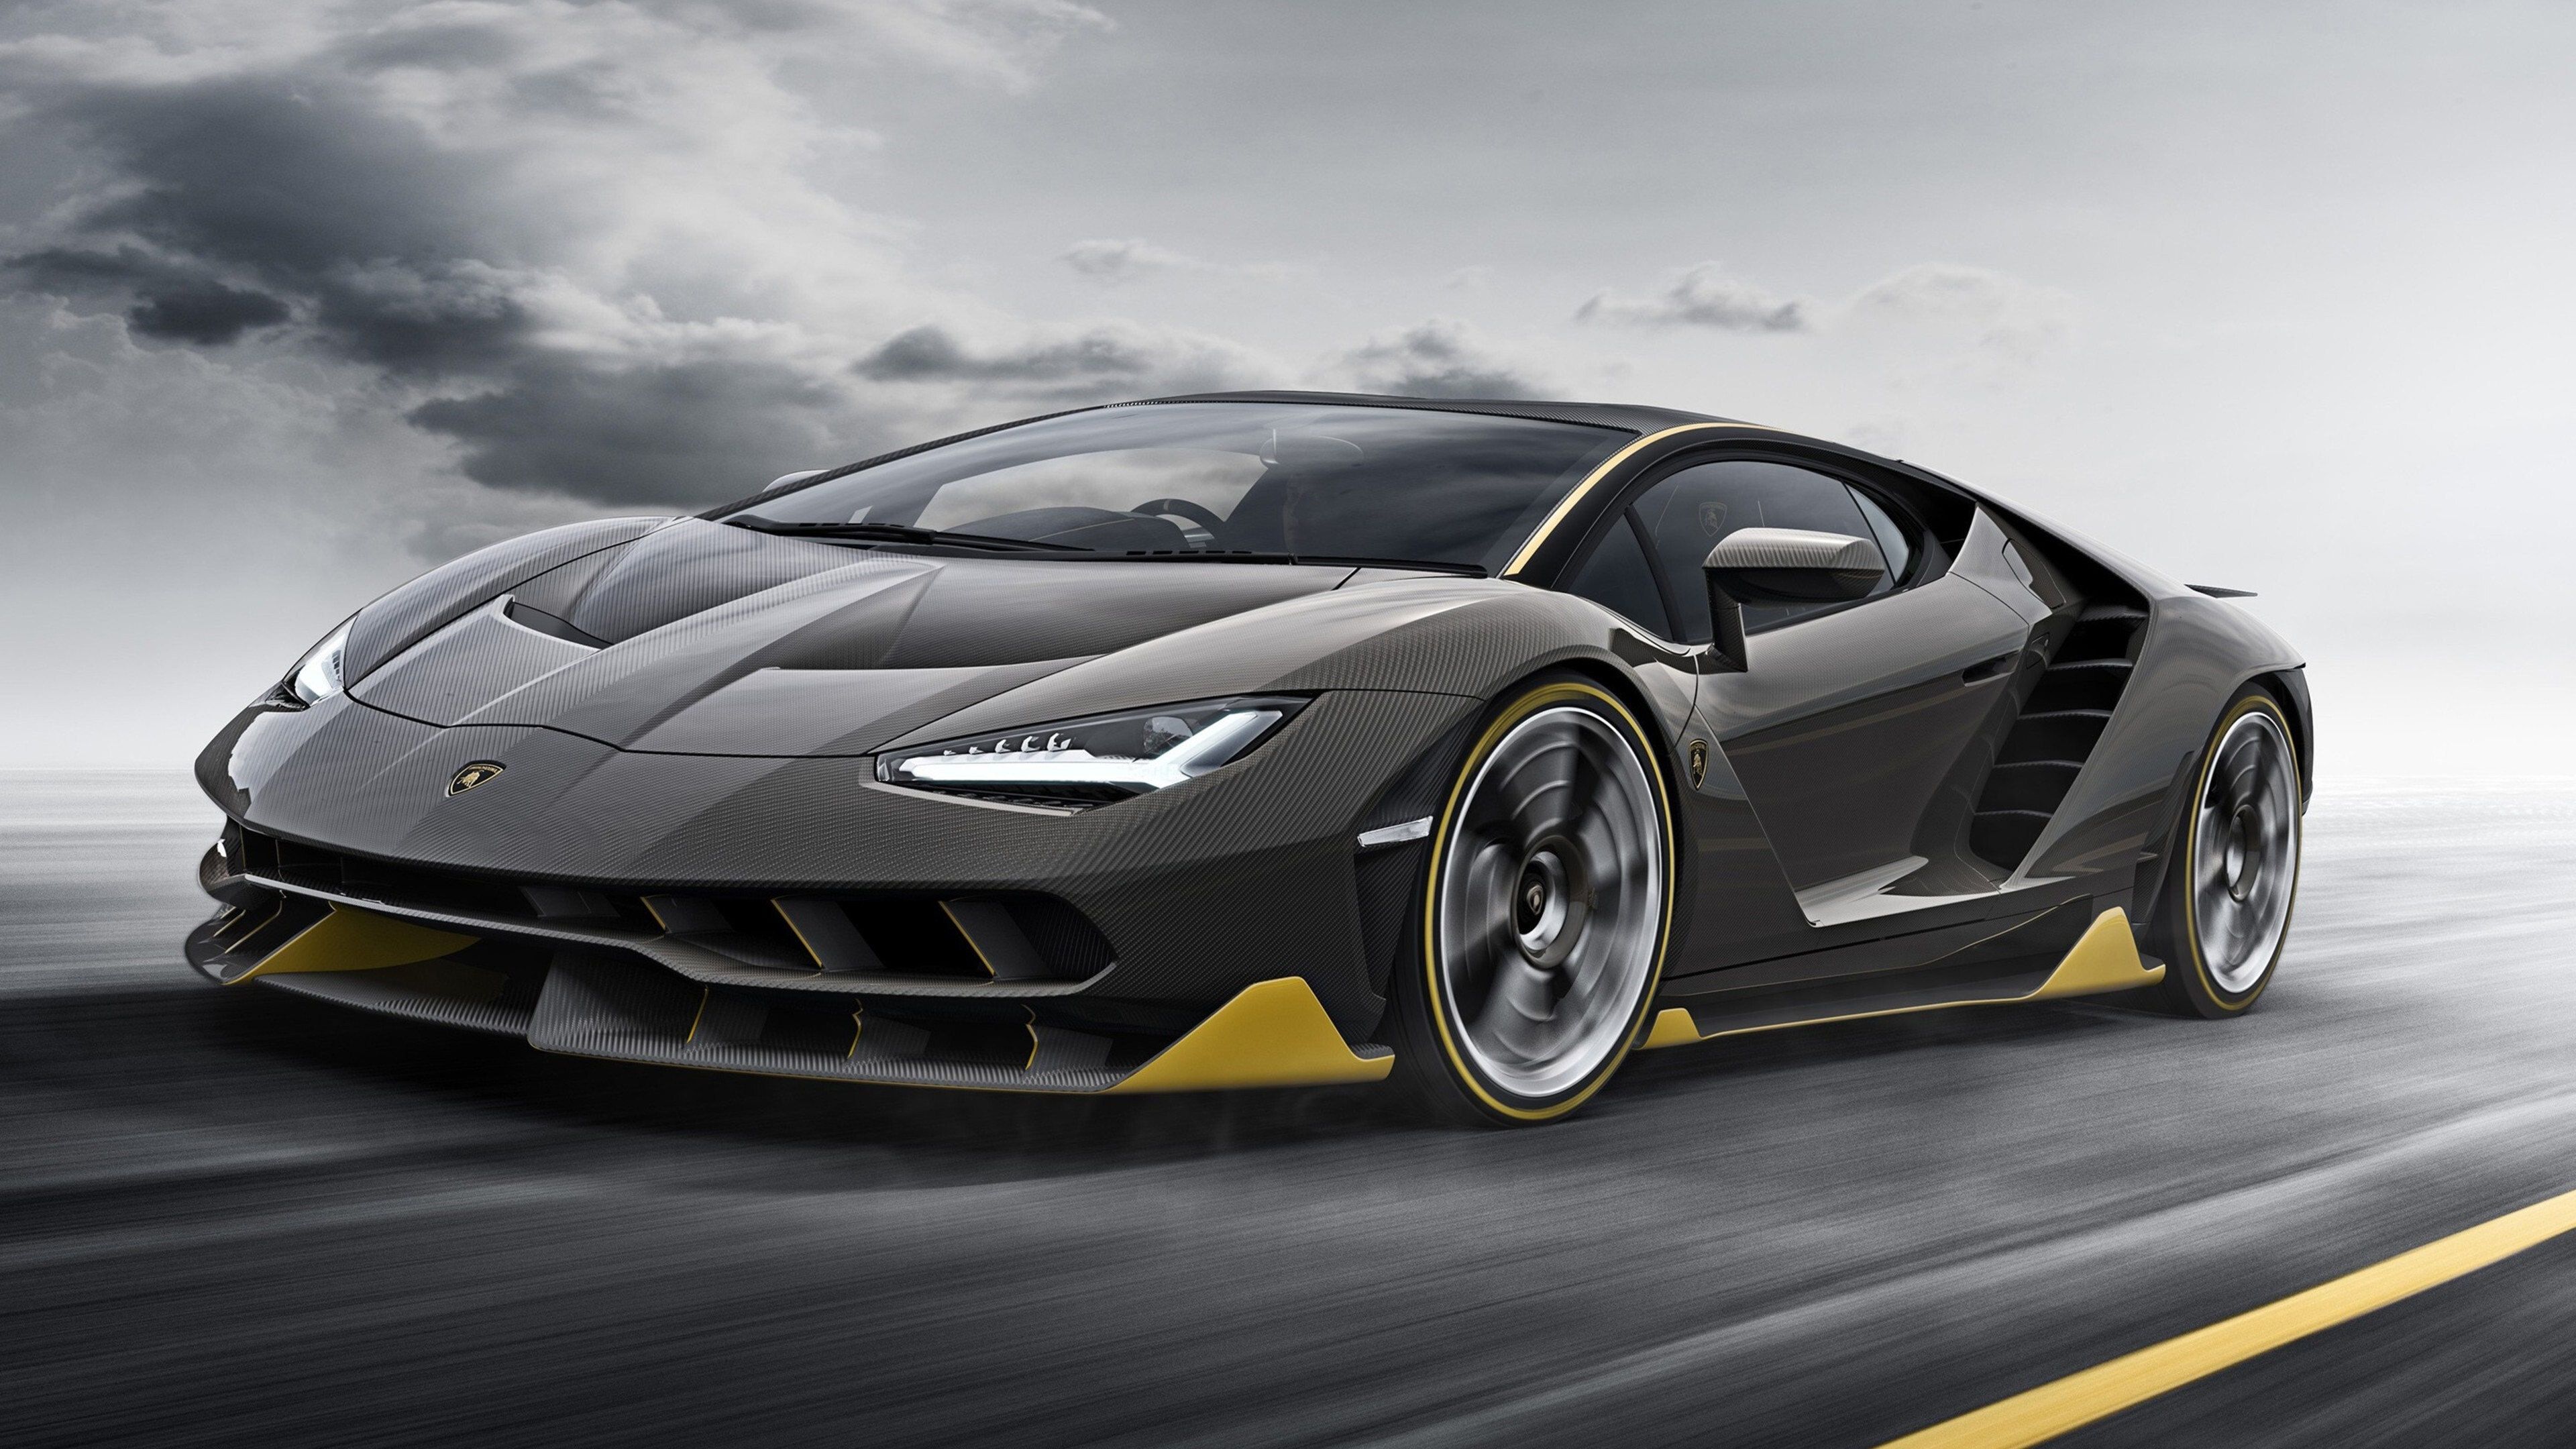 3840x2160 Lamborghini Centenario Super Car 4k HD 4k ...